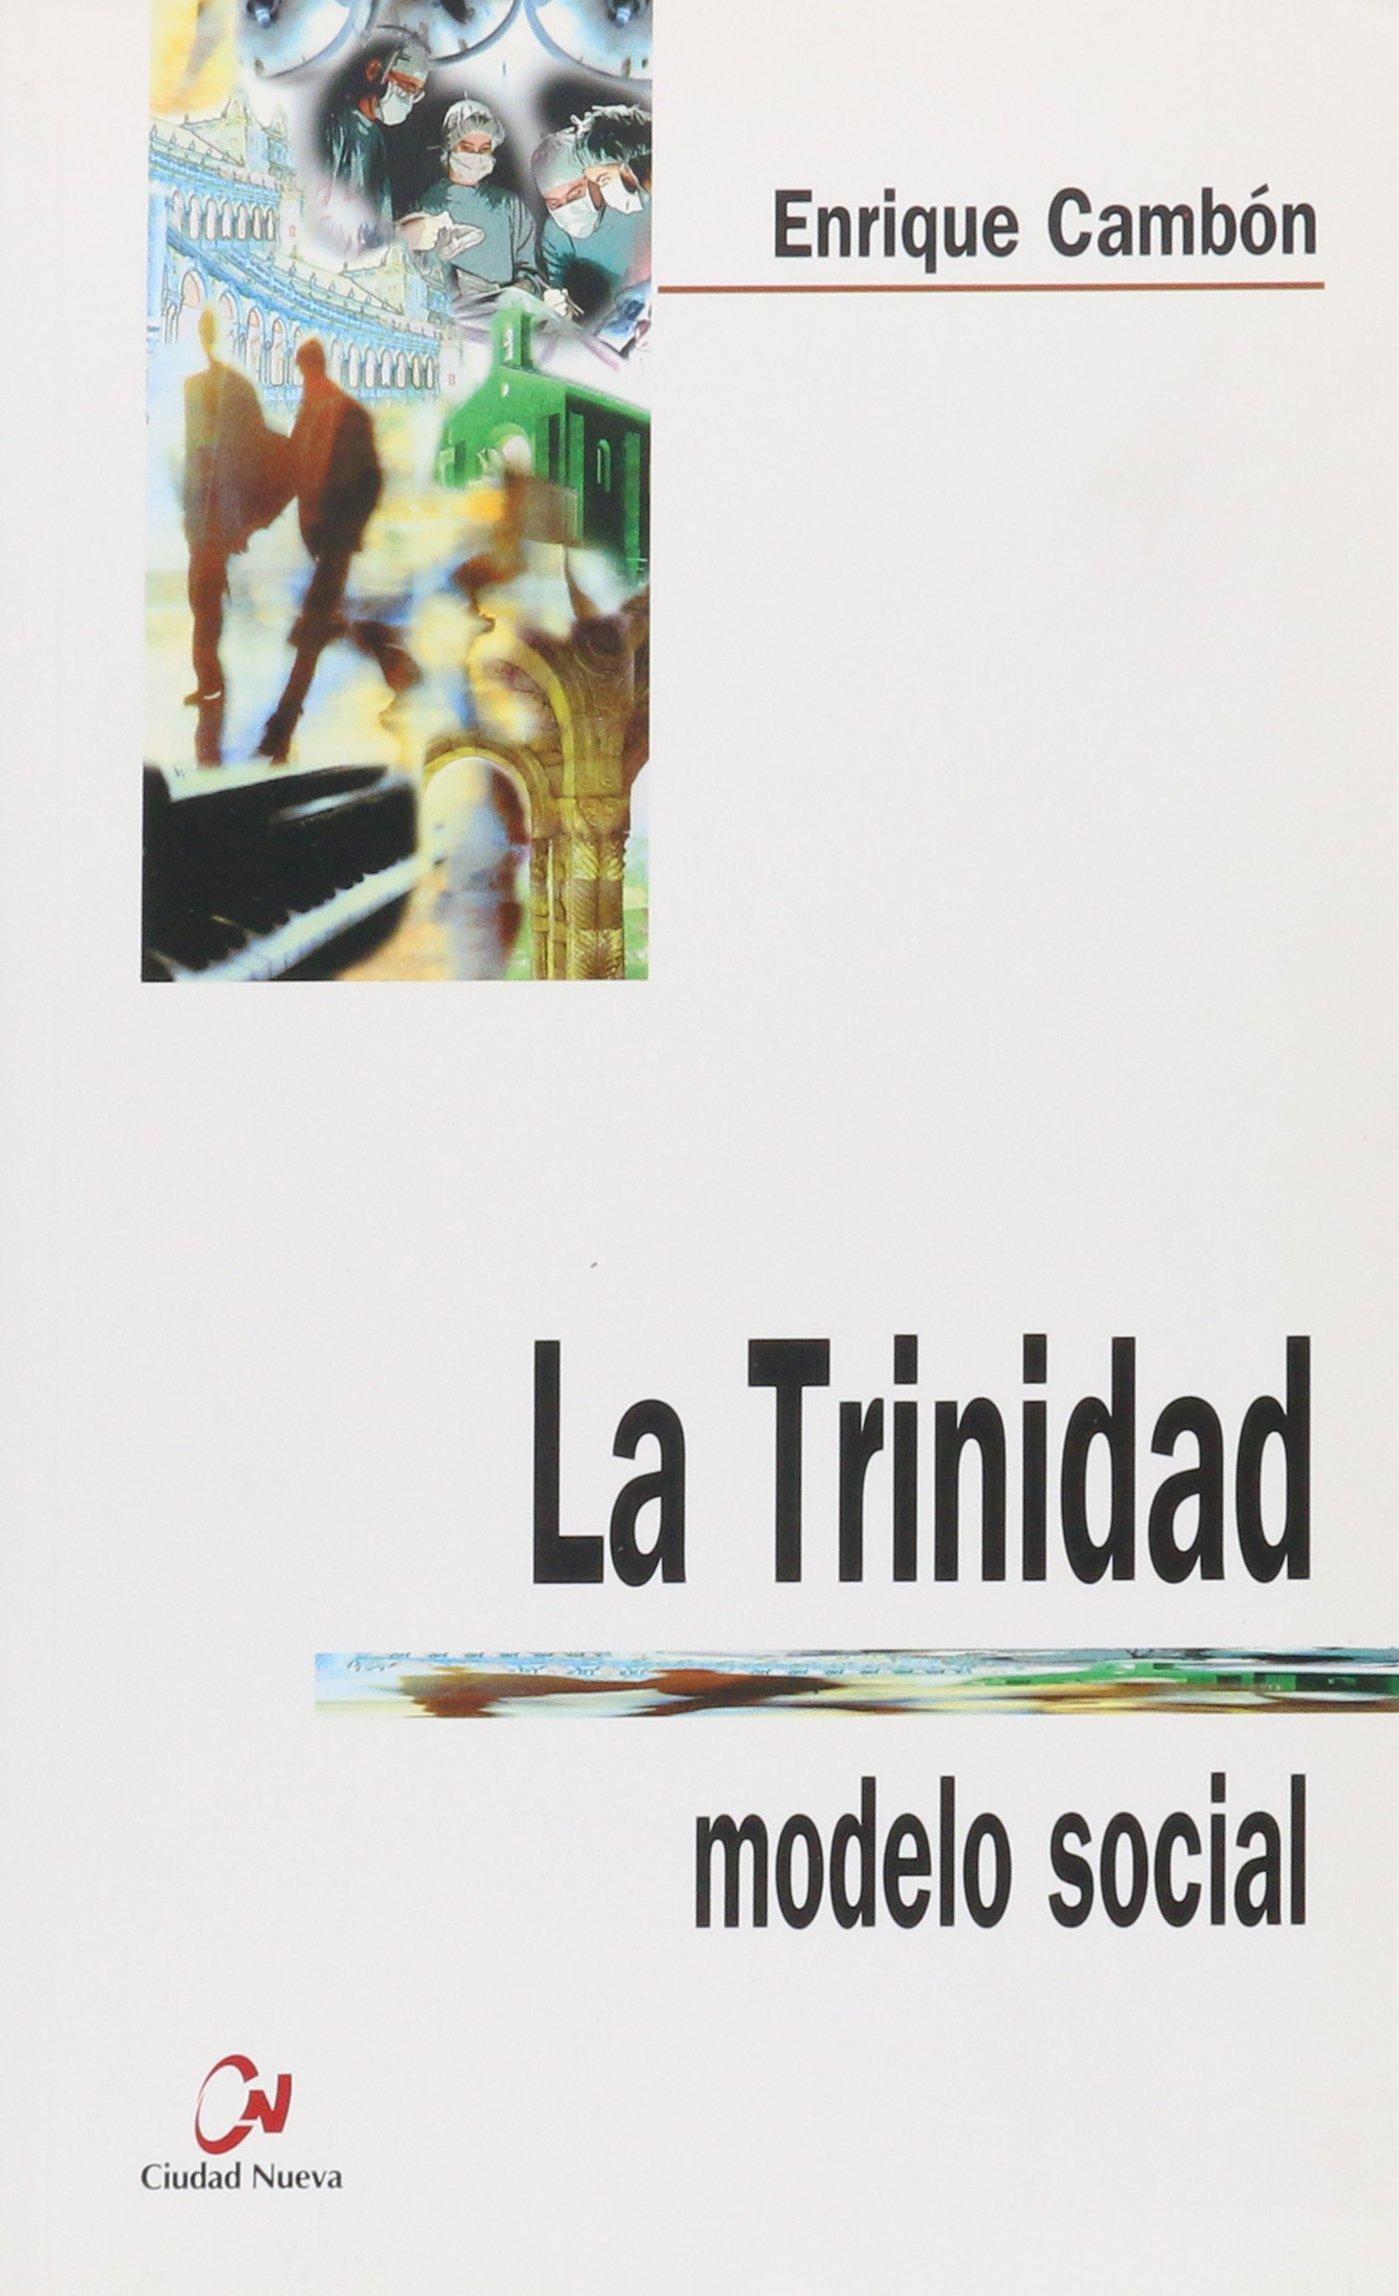 La Trinidad, modelo social: Enrique Cambón: 9788489651753: Amazon ...